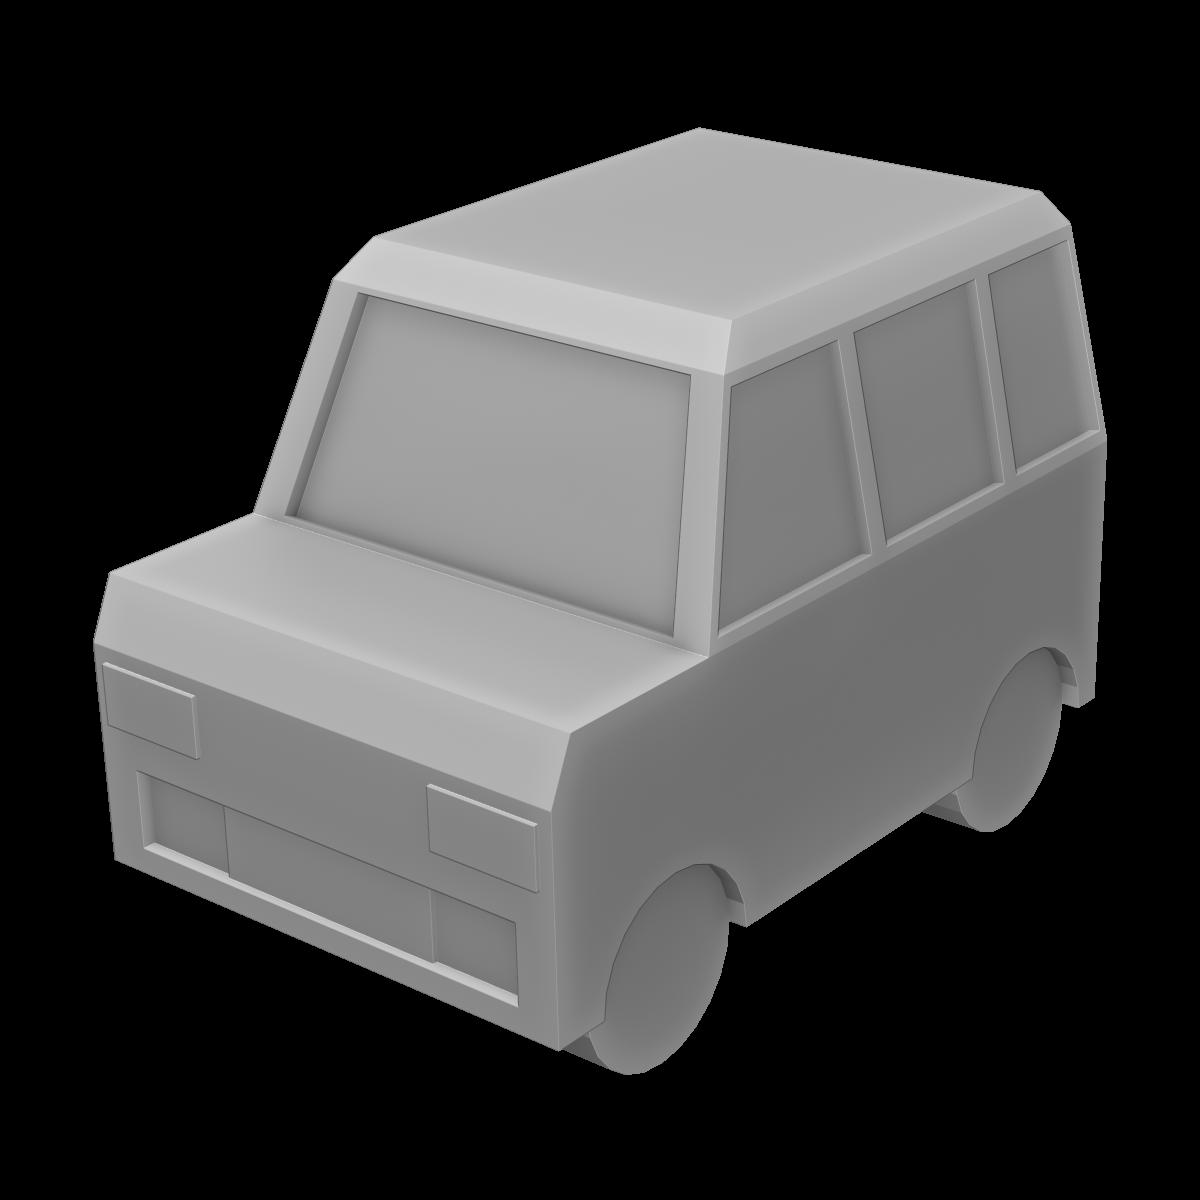 車(ボックス型)の3Dイラスト